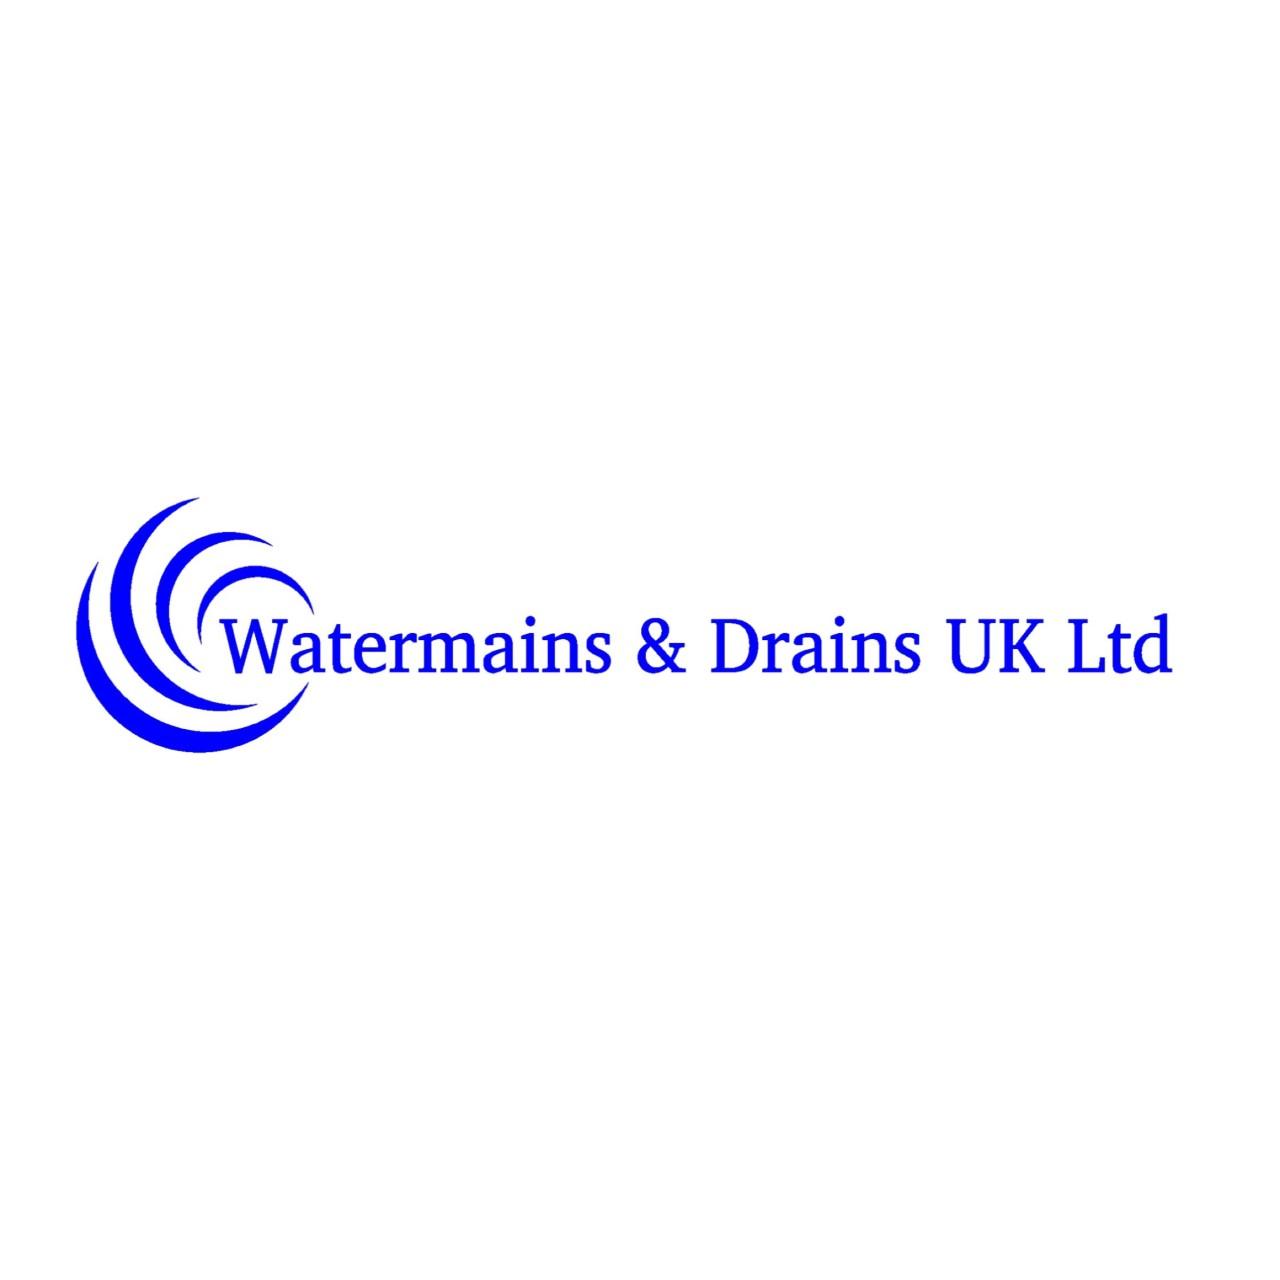 Watermains & Drains UK Ltd